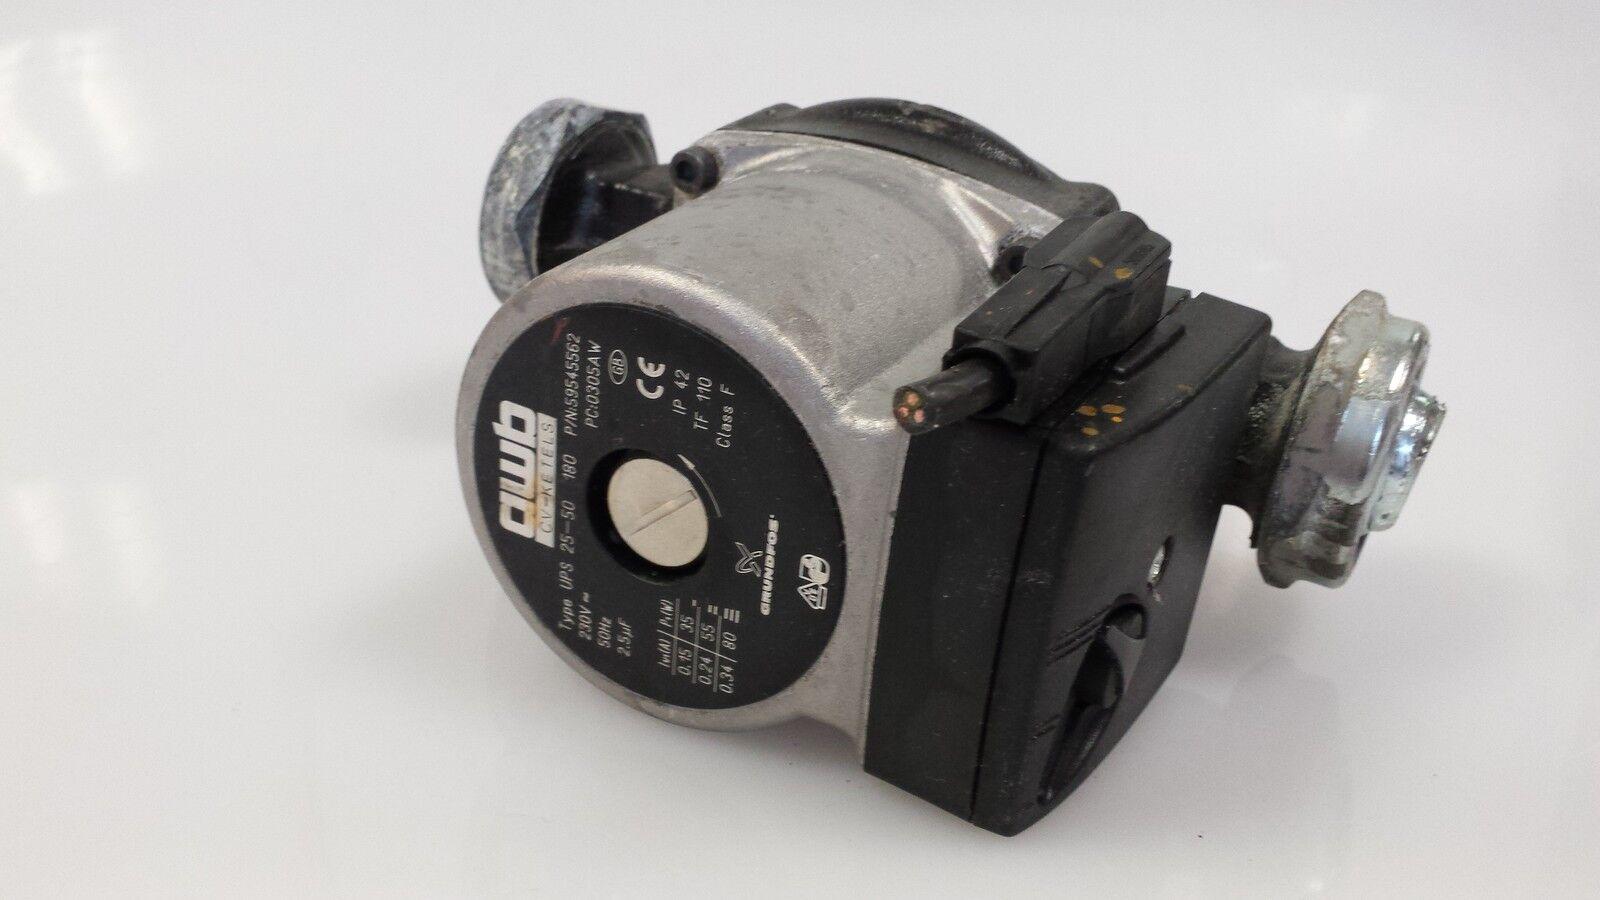 Grundfos awb CV-KETELS Typ UPS 25-50 180 180 180 Heizungspumpe fc0de0